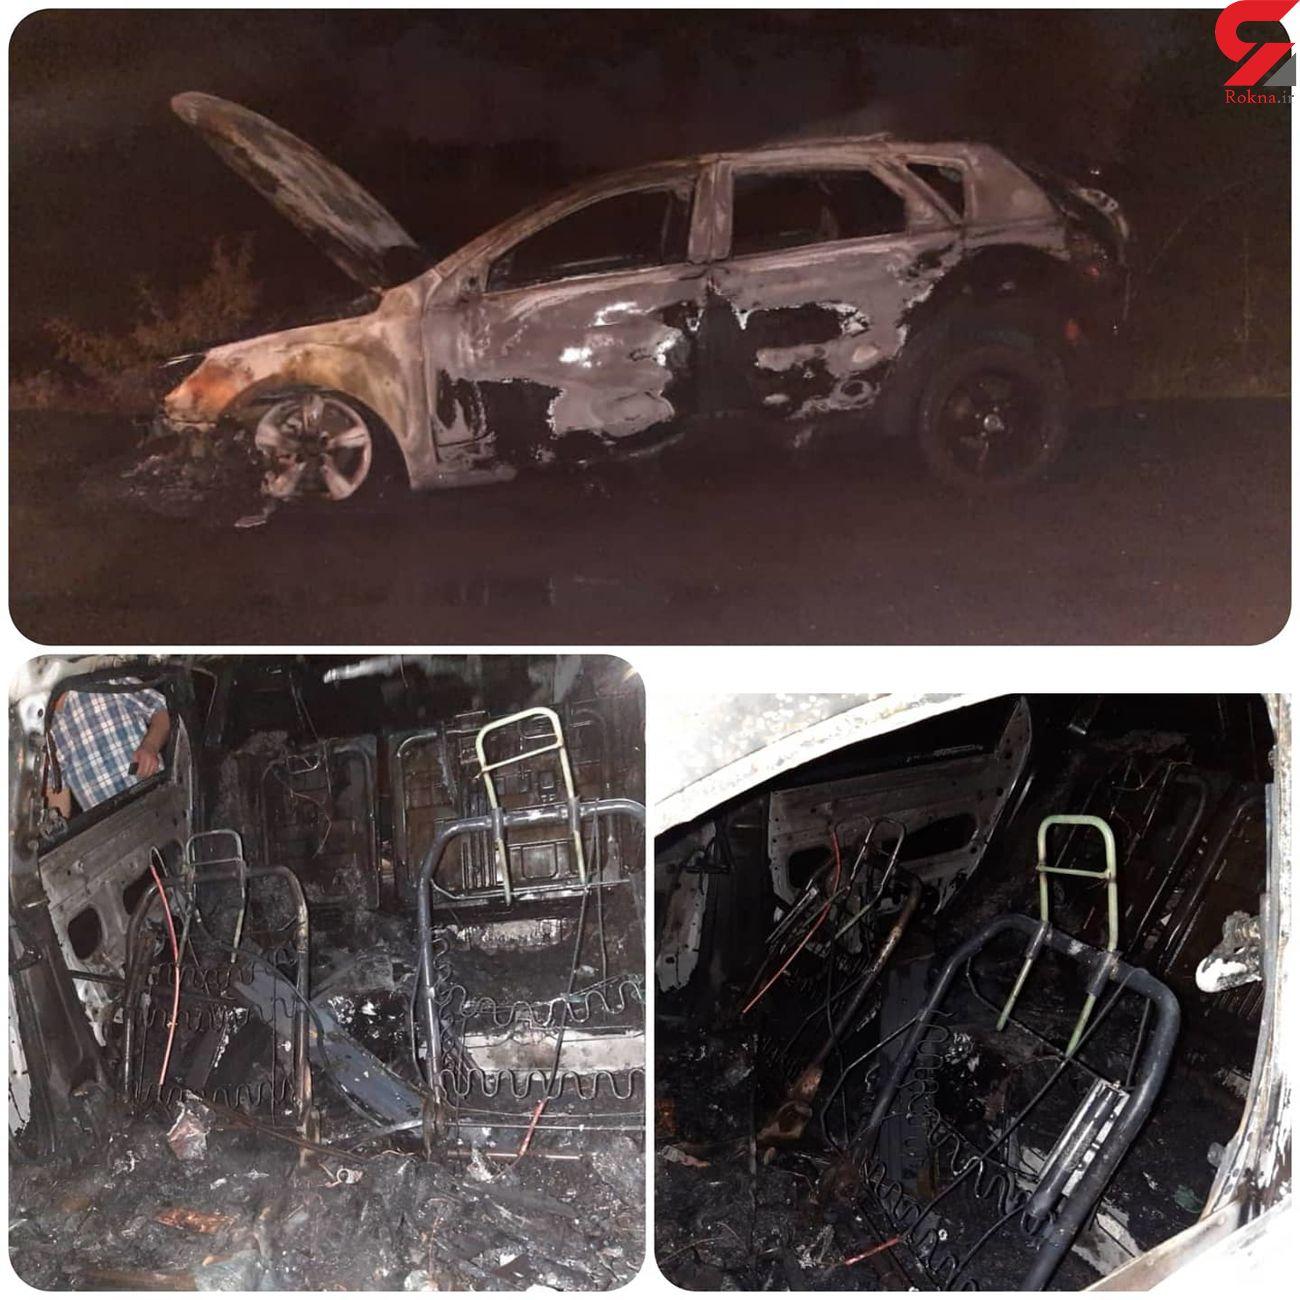 خودروی سواری با چهار سرنشین خود در آتش سوخت/به همراه عکس